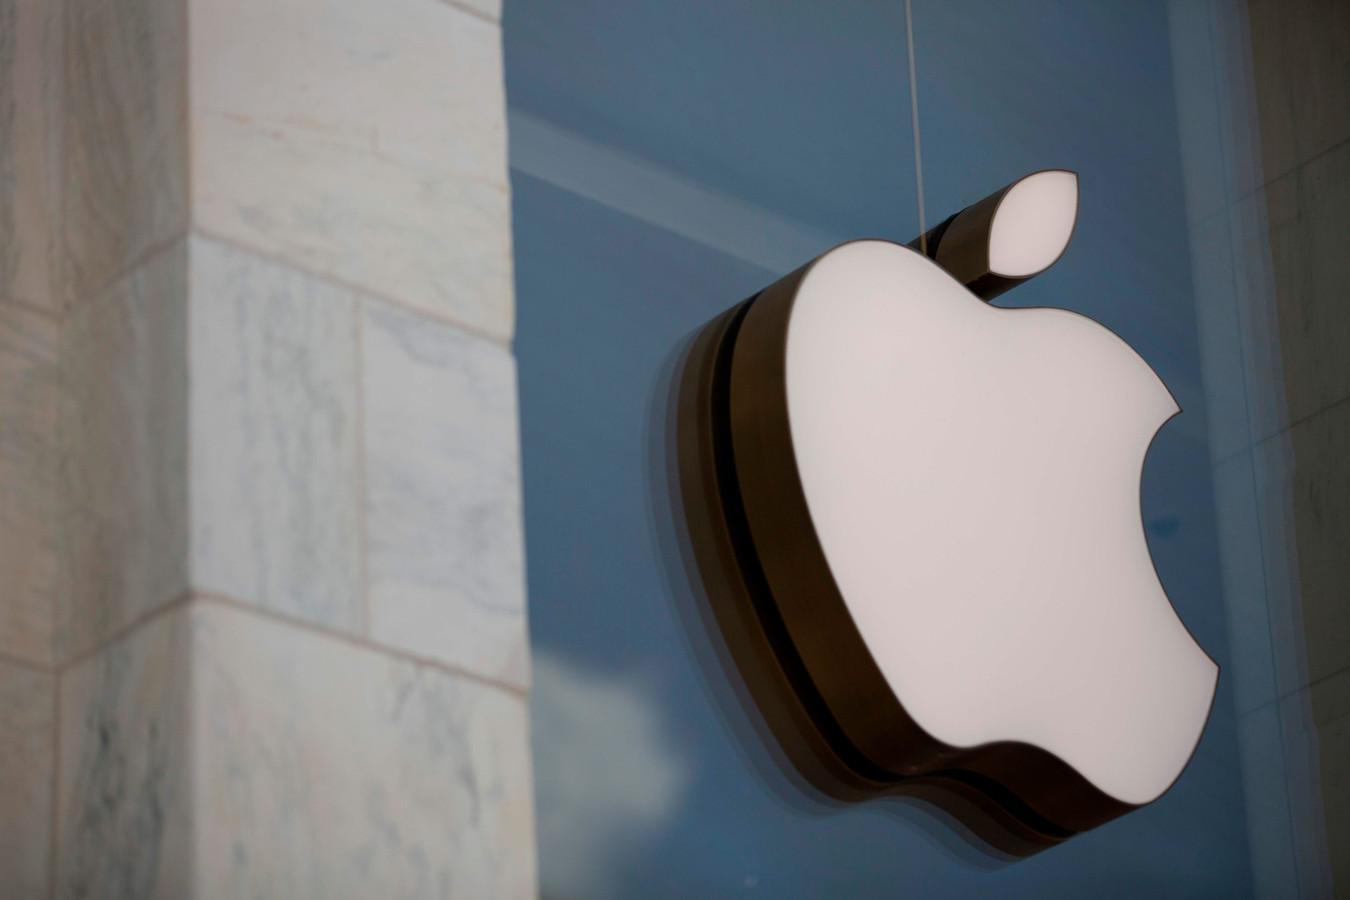 Apple, qui est déjà neutre en carbone pour ses activités commerciales, affirme dans un communiqué que cette décision signifie que tous ses appareils vendus n'auront à cette échéance plus aucun impact sur le climat.